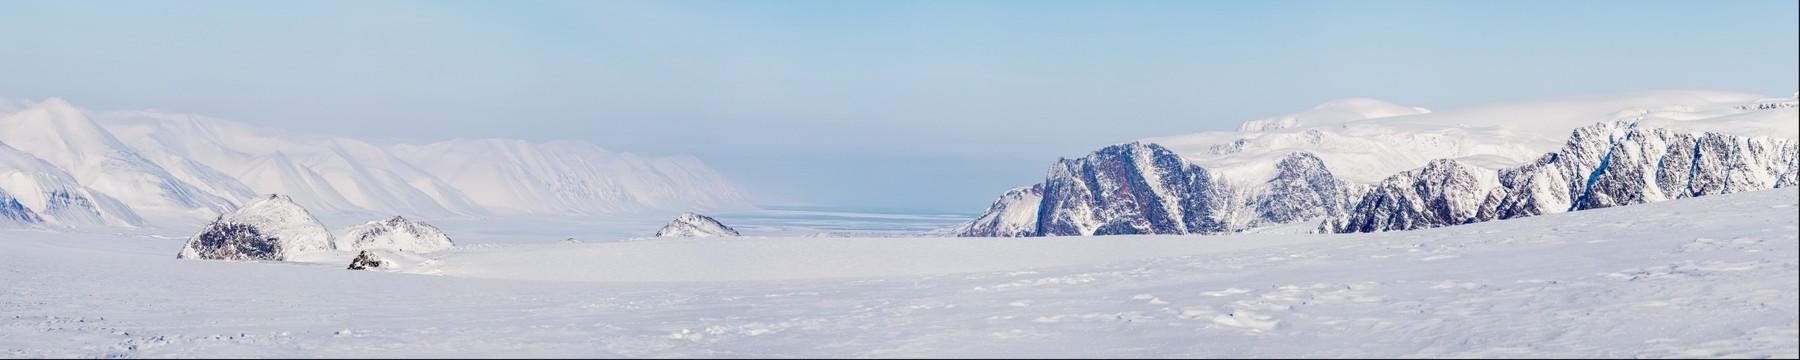 Winter landscape on Svalbard glacier